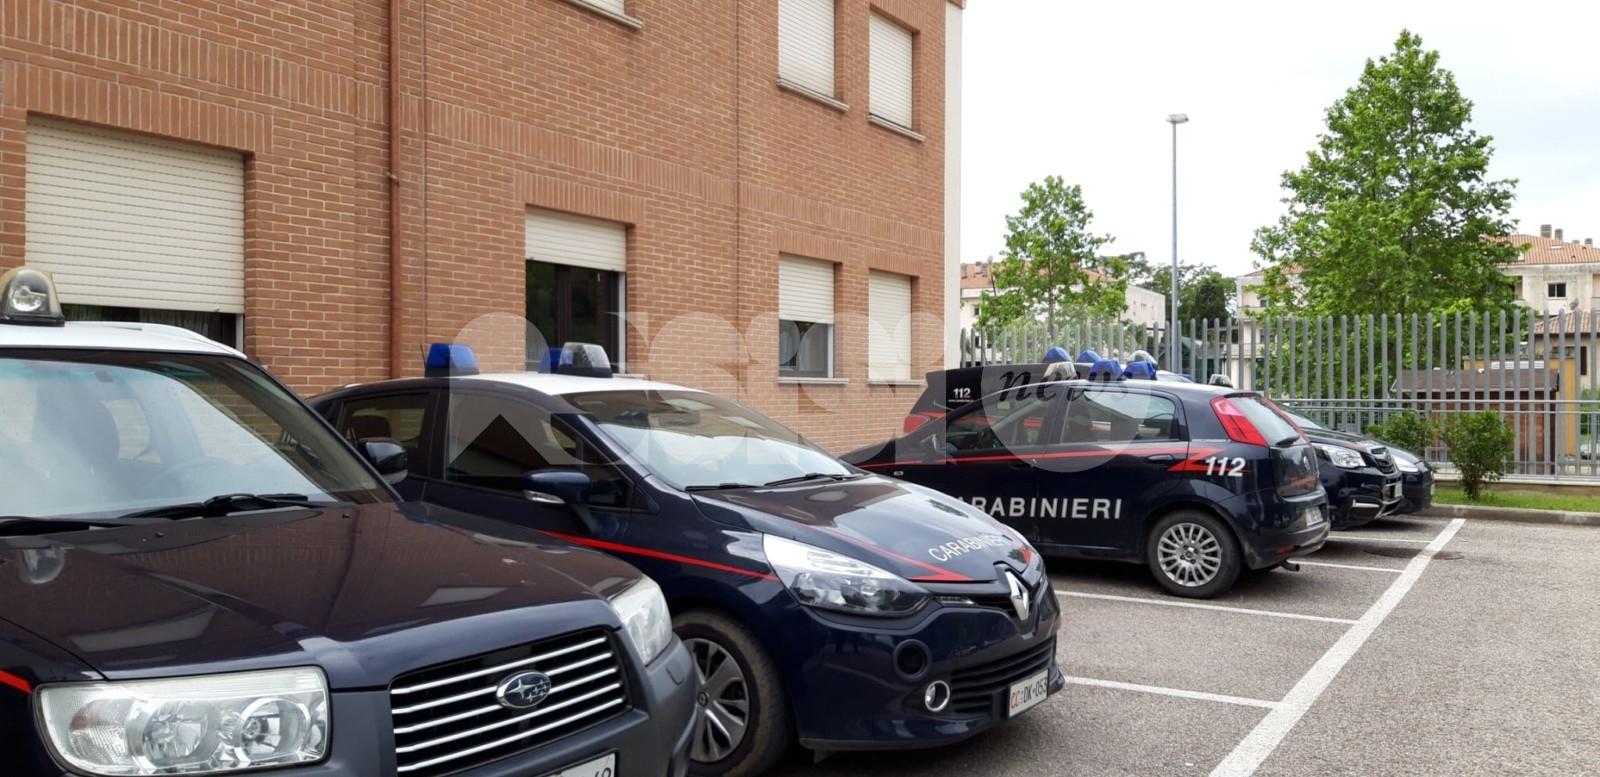 Bilancio 2020 del comando provinciale dei Carabinieri: record di chiamate al 112 e vicinanza ai cittadini